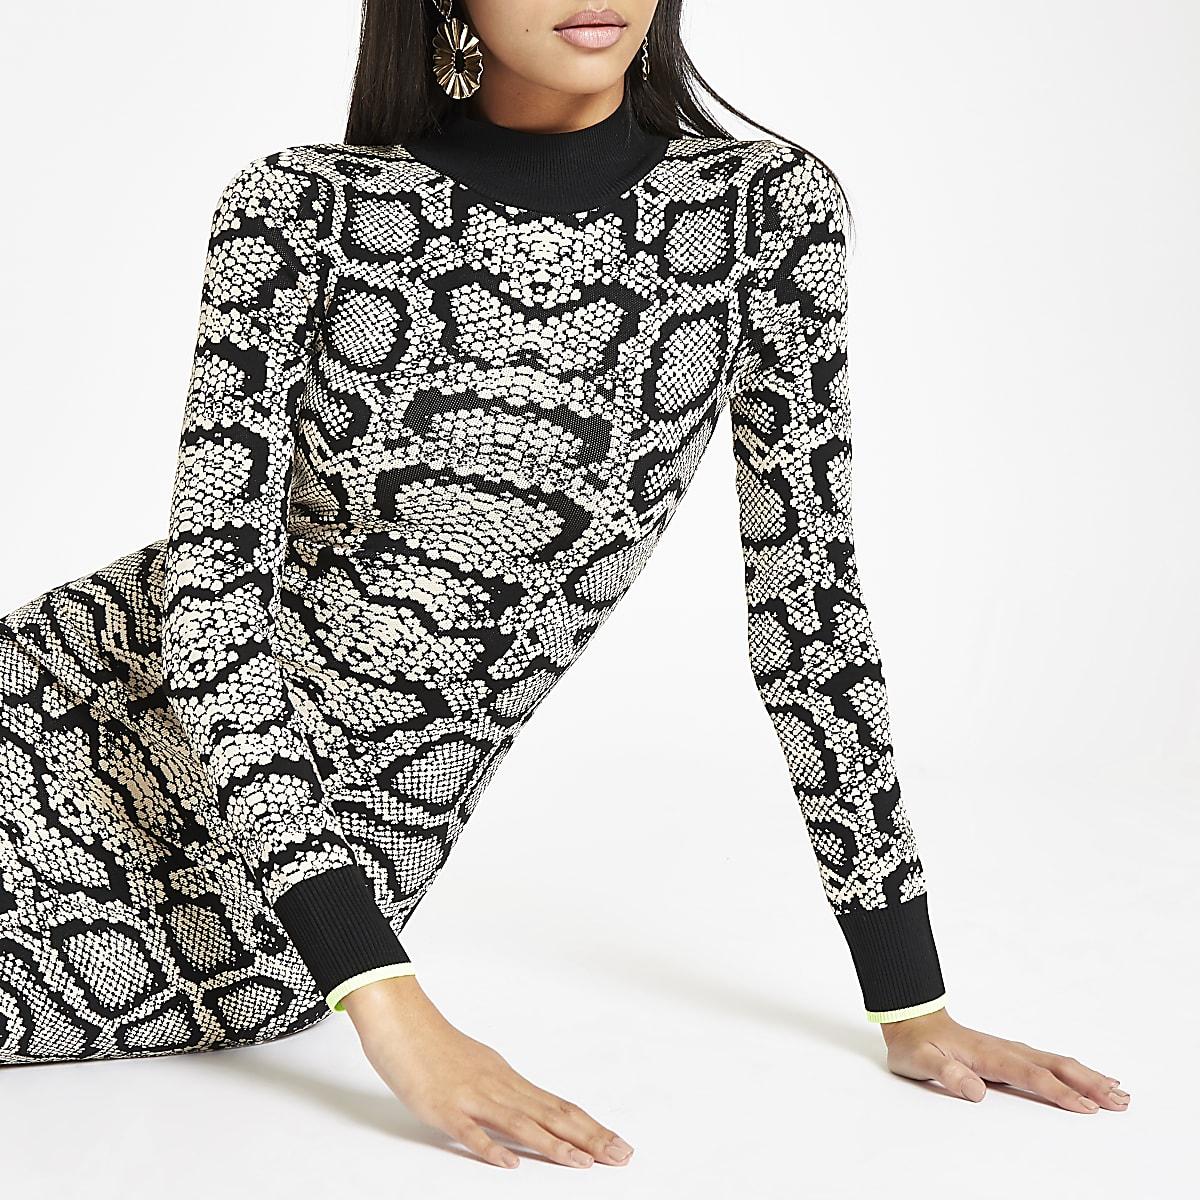 ffd338521d5f91 ... slangenleerprint Bruine hoogsluitende strakke jurk met slangenleerprint  ...